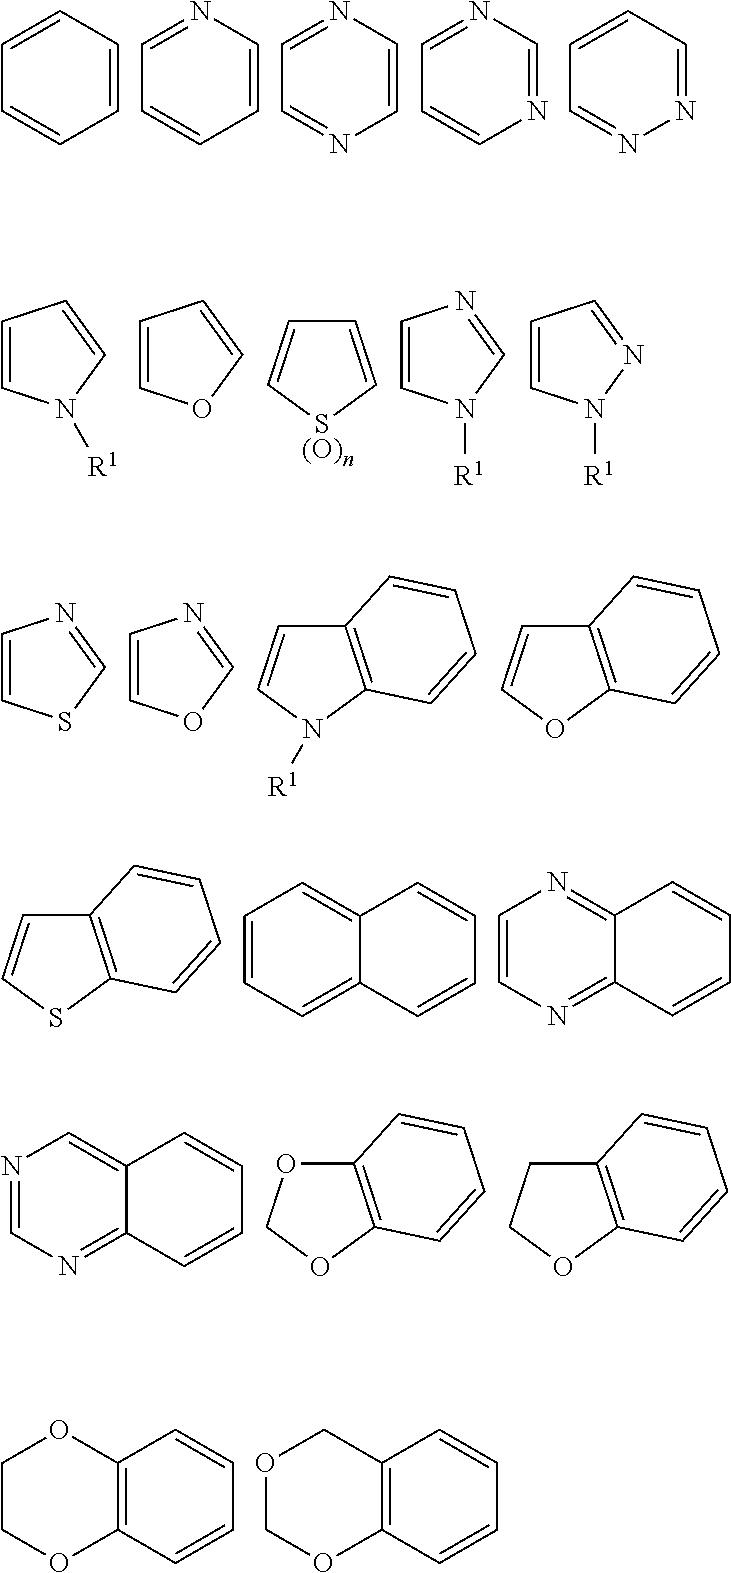 Figure US20110053905A1-20110303-C00361